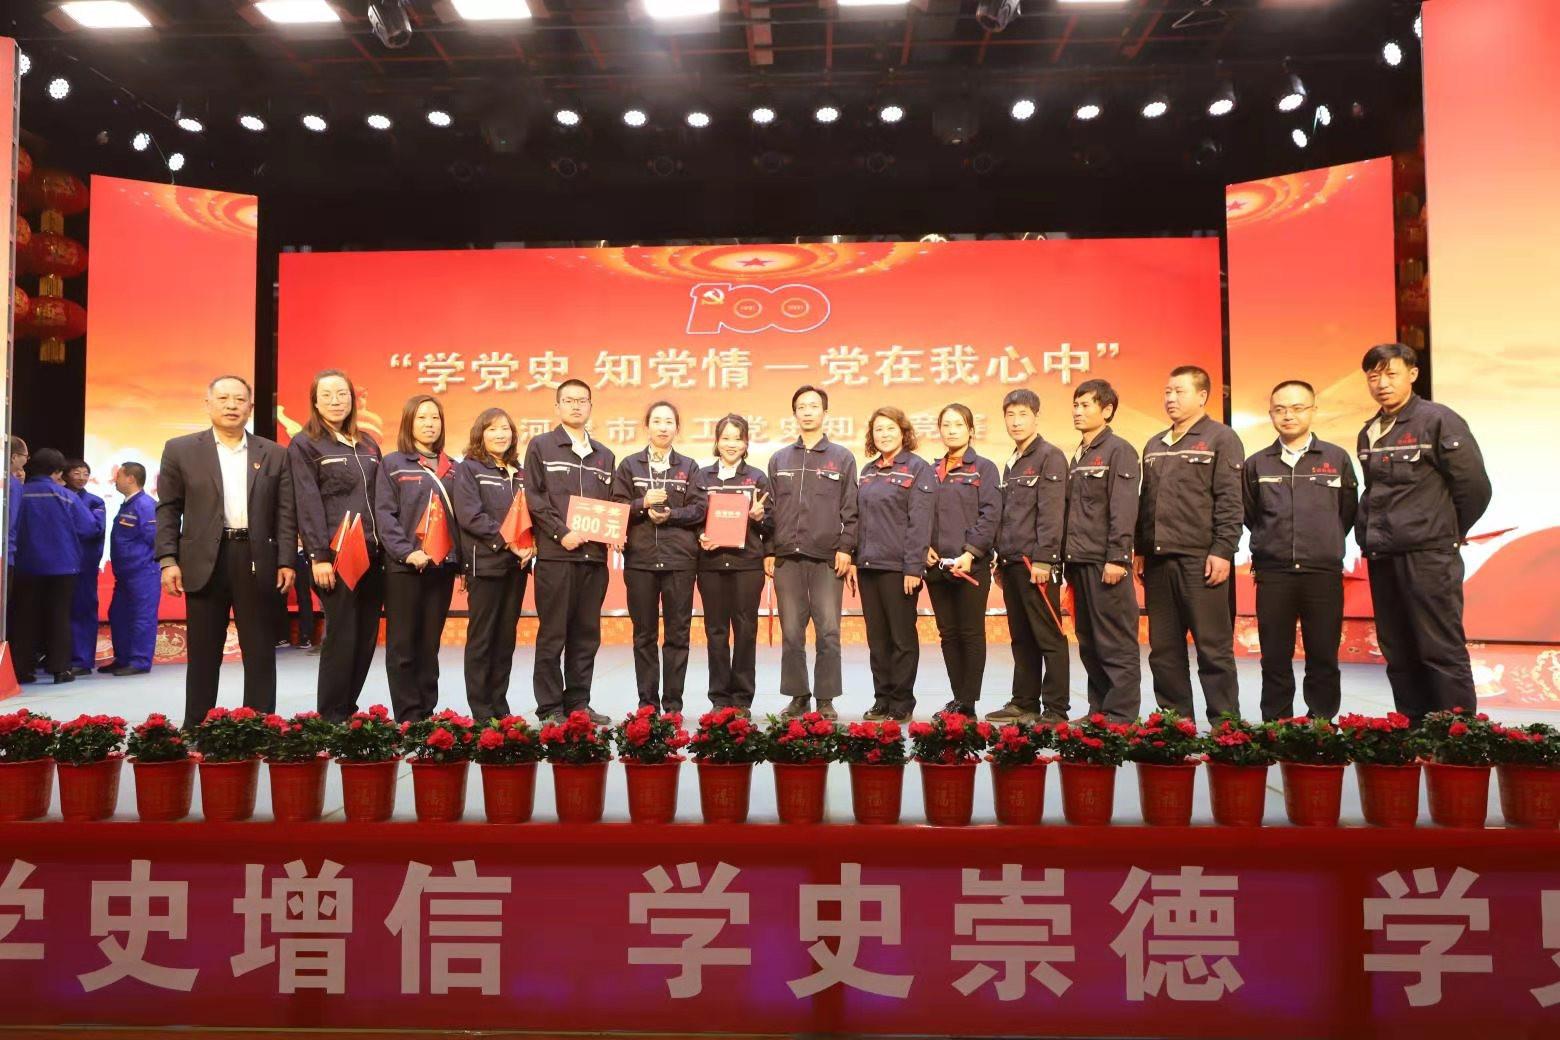 宏达集团工会代表队荣获全市学党史知识竞赛二等奖